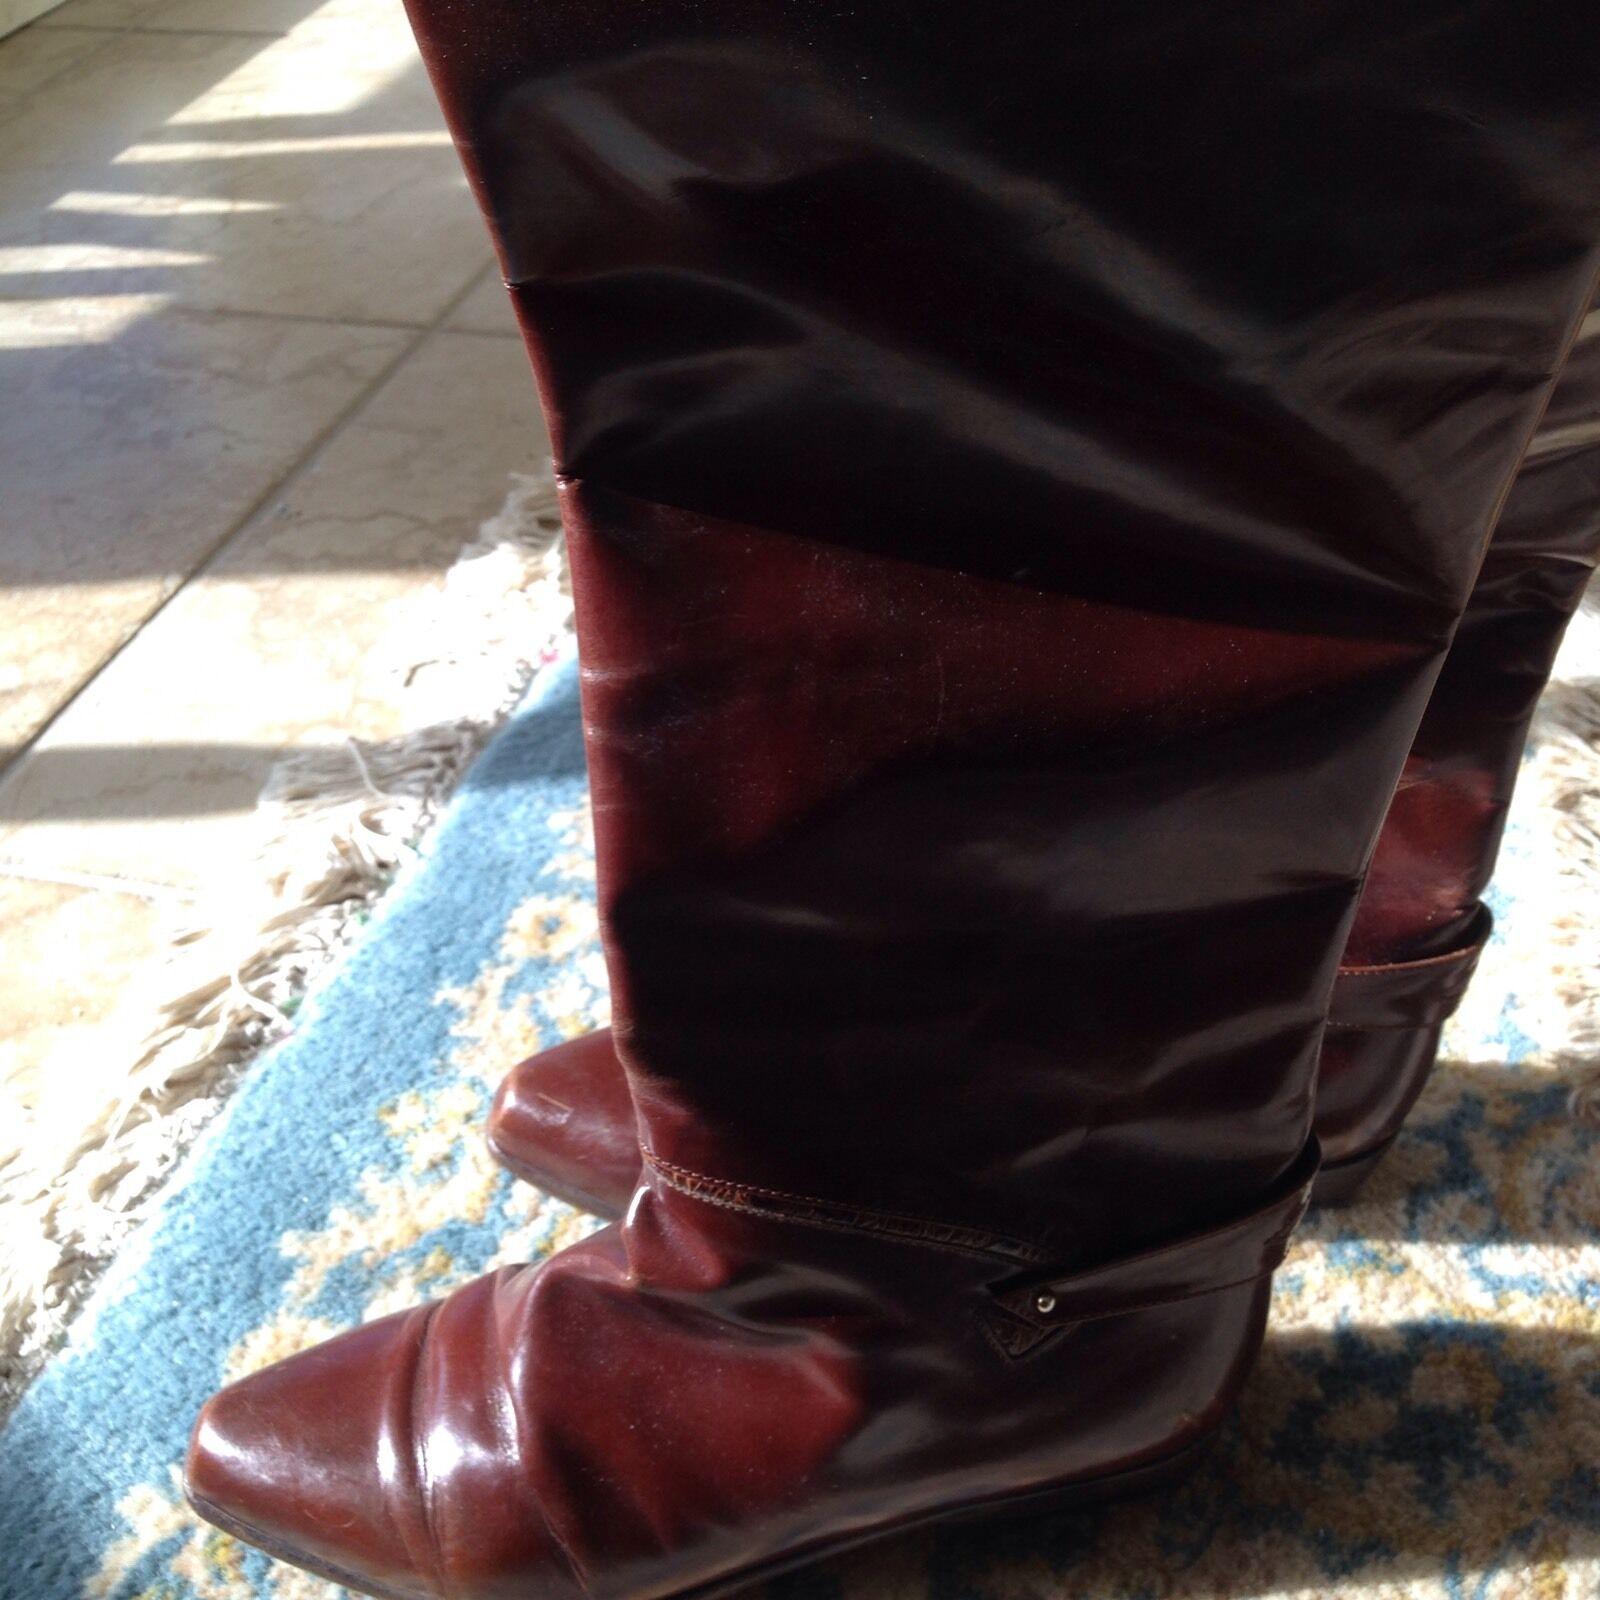 Vero Cuoio Cuero Cuero Cuero Mujer botas De Montar Talla 9 Excelente Condición  compra limitada